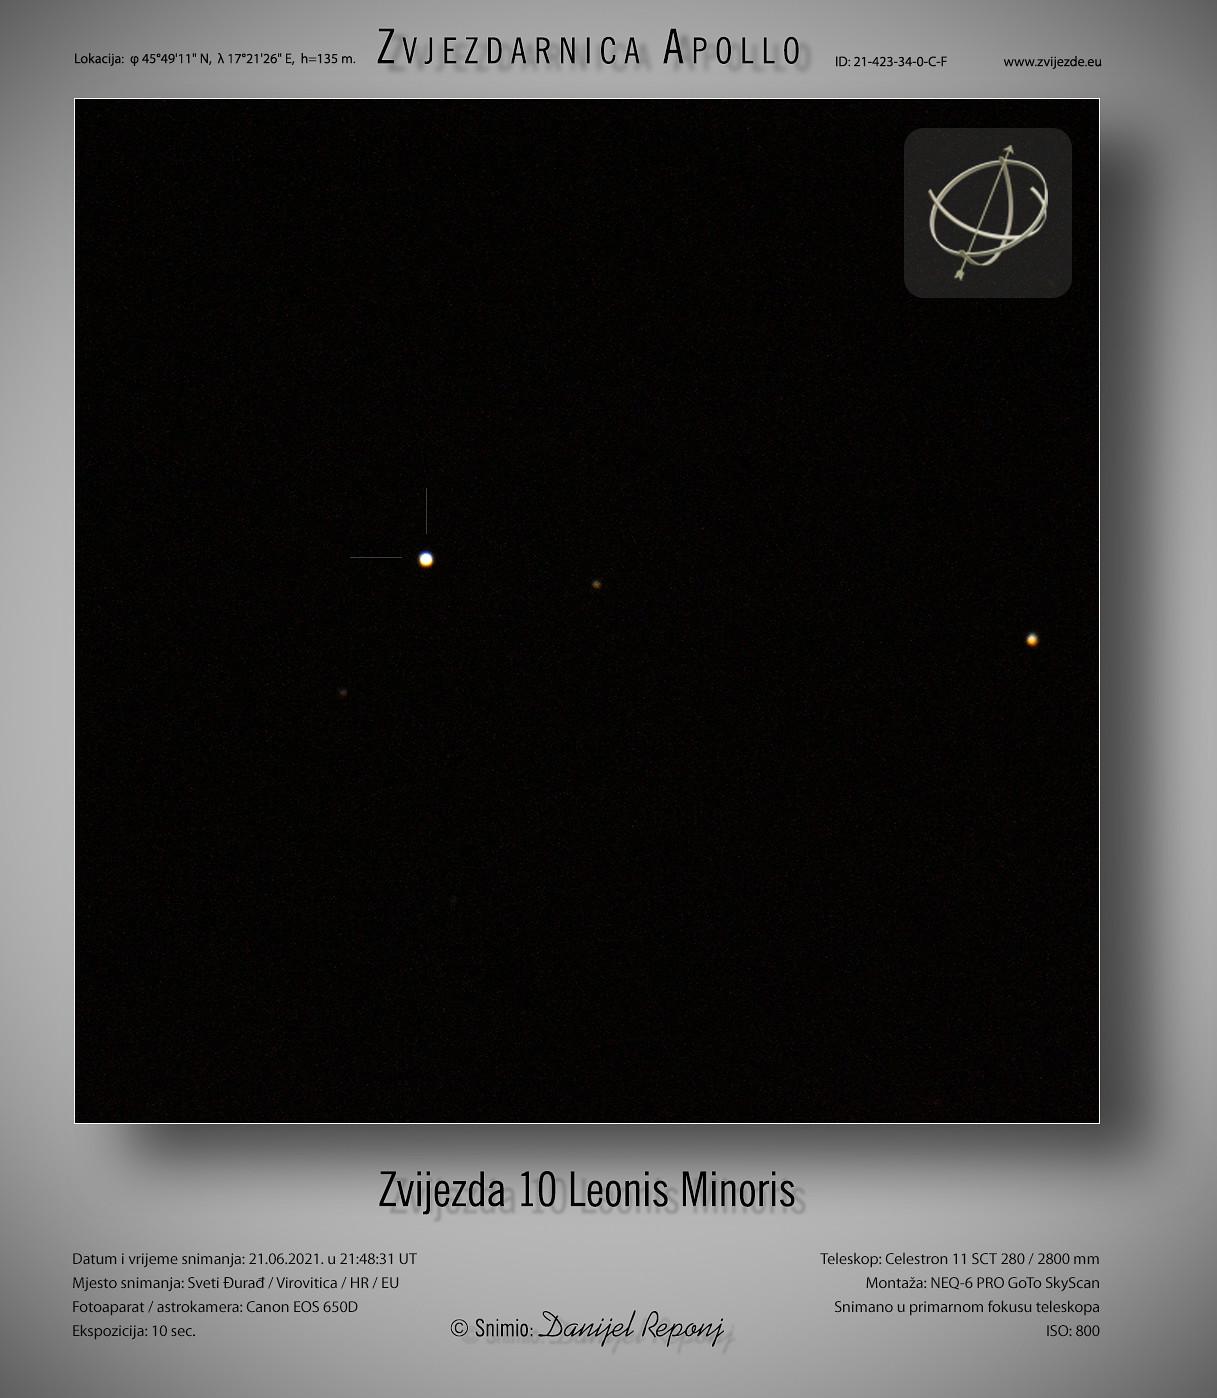 Zvijezda 10 Leonis Minoris, 21.6.2021.